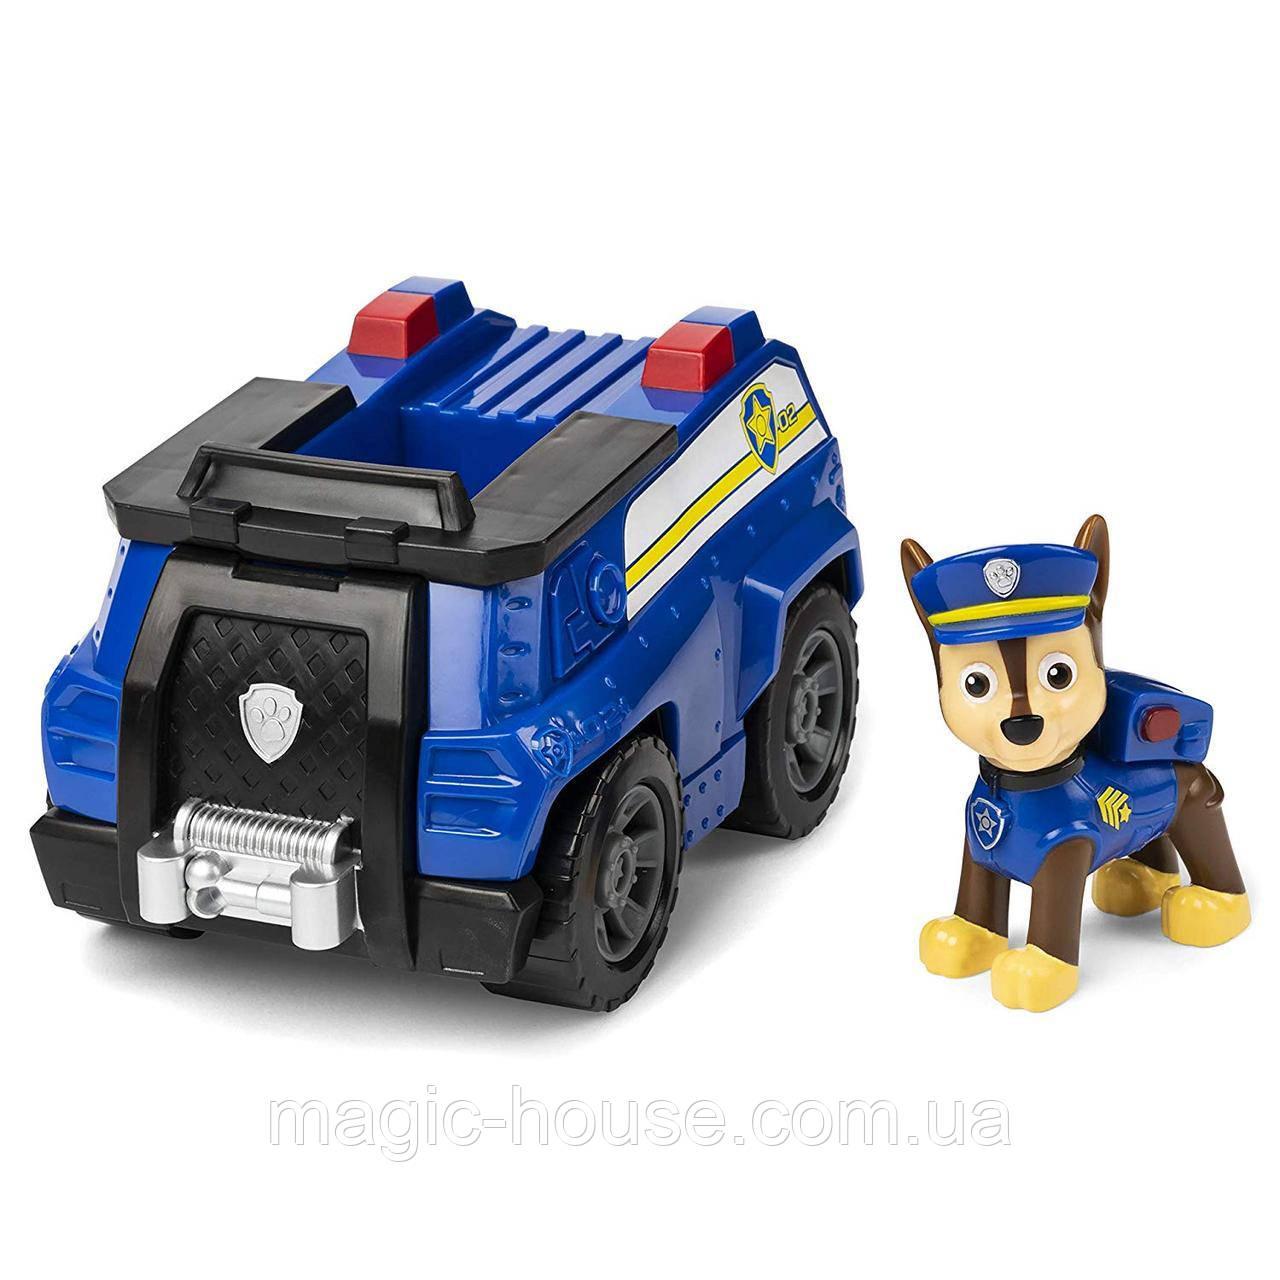 Paw PatrolЩенячий патруль Чейз гонщикна полицейской машине от spin master